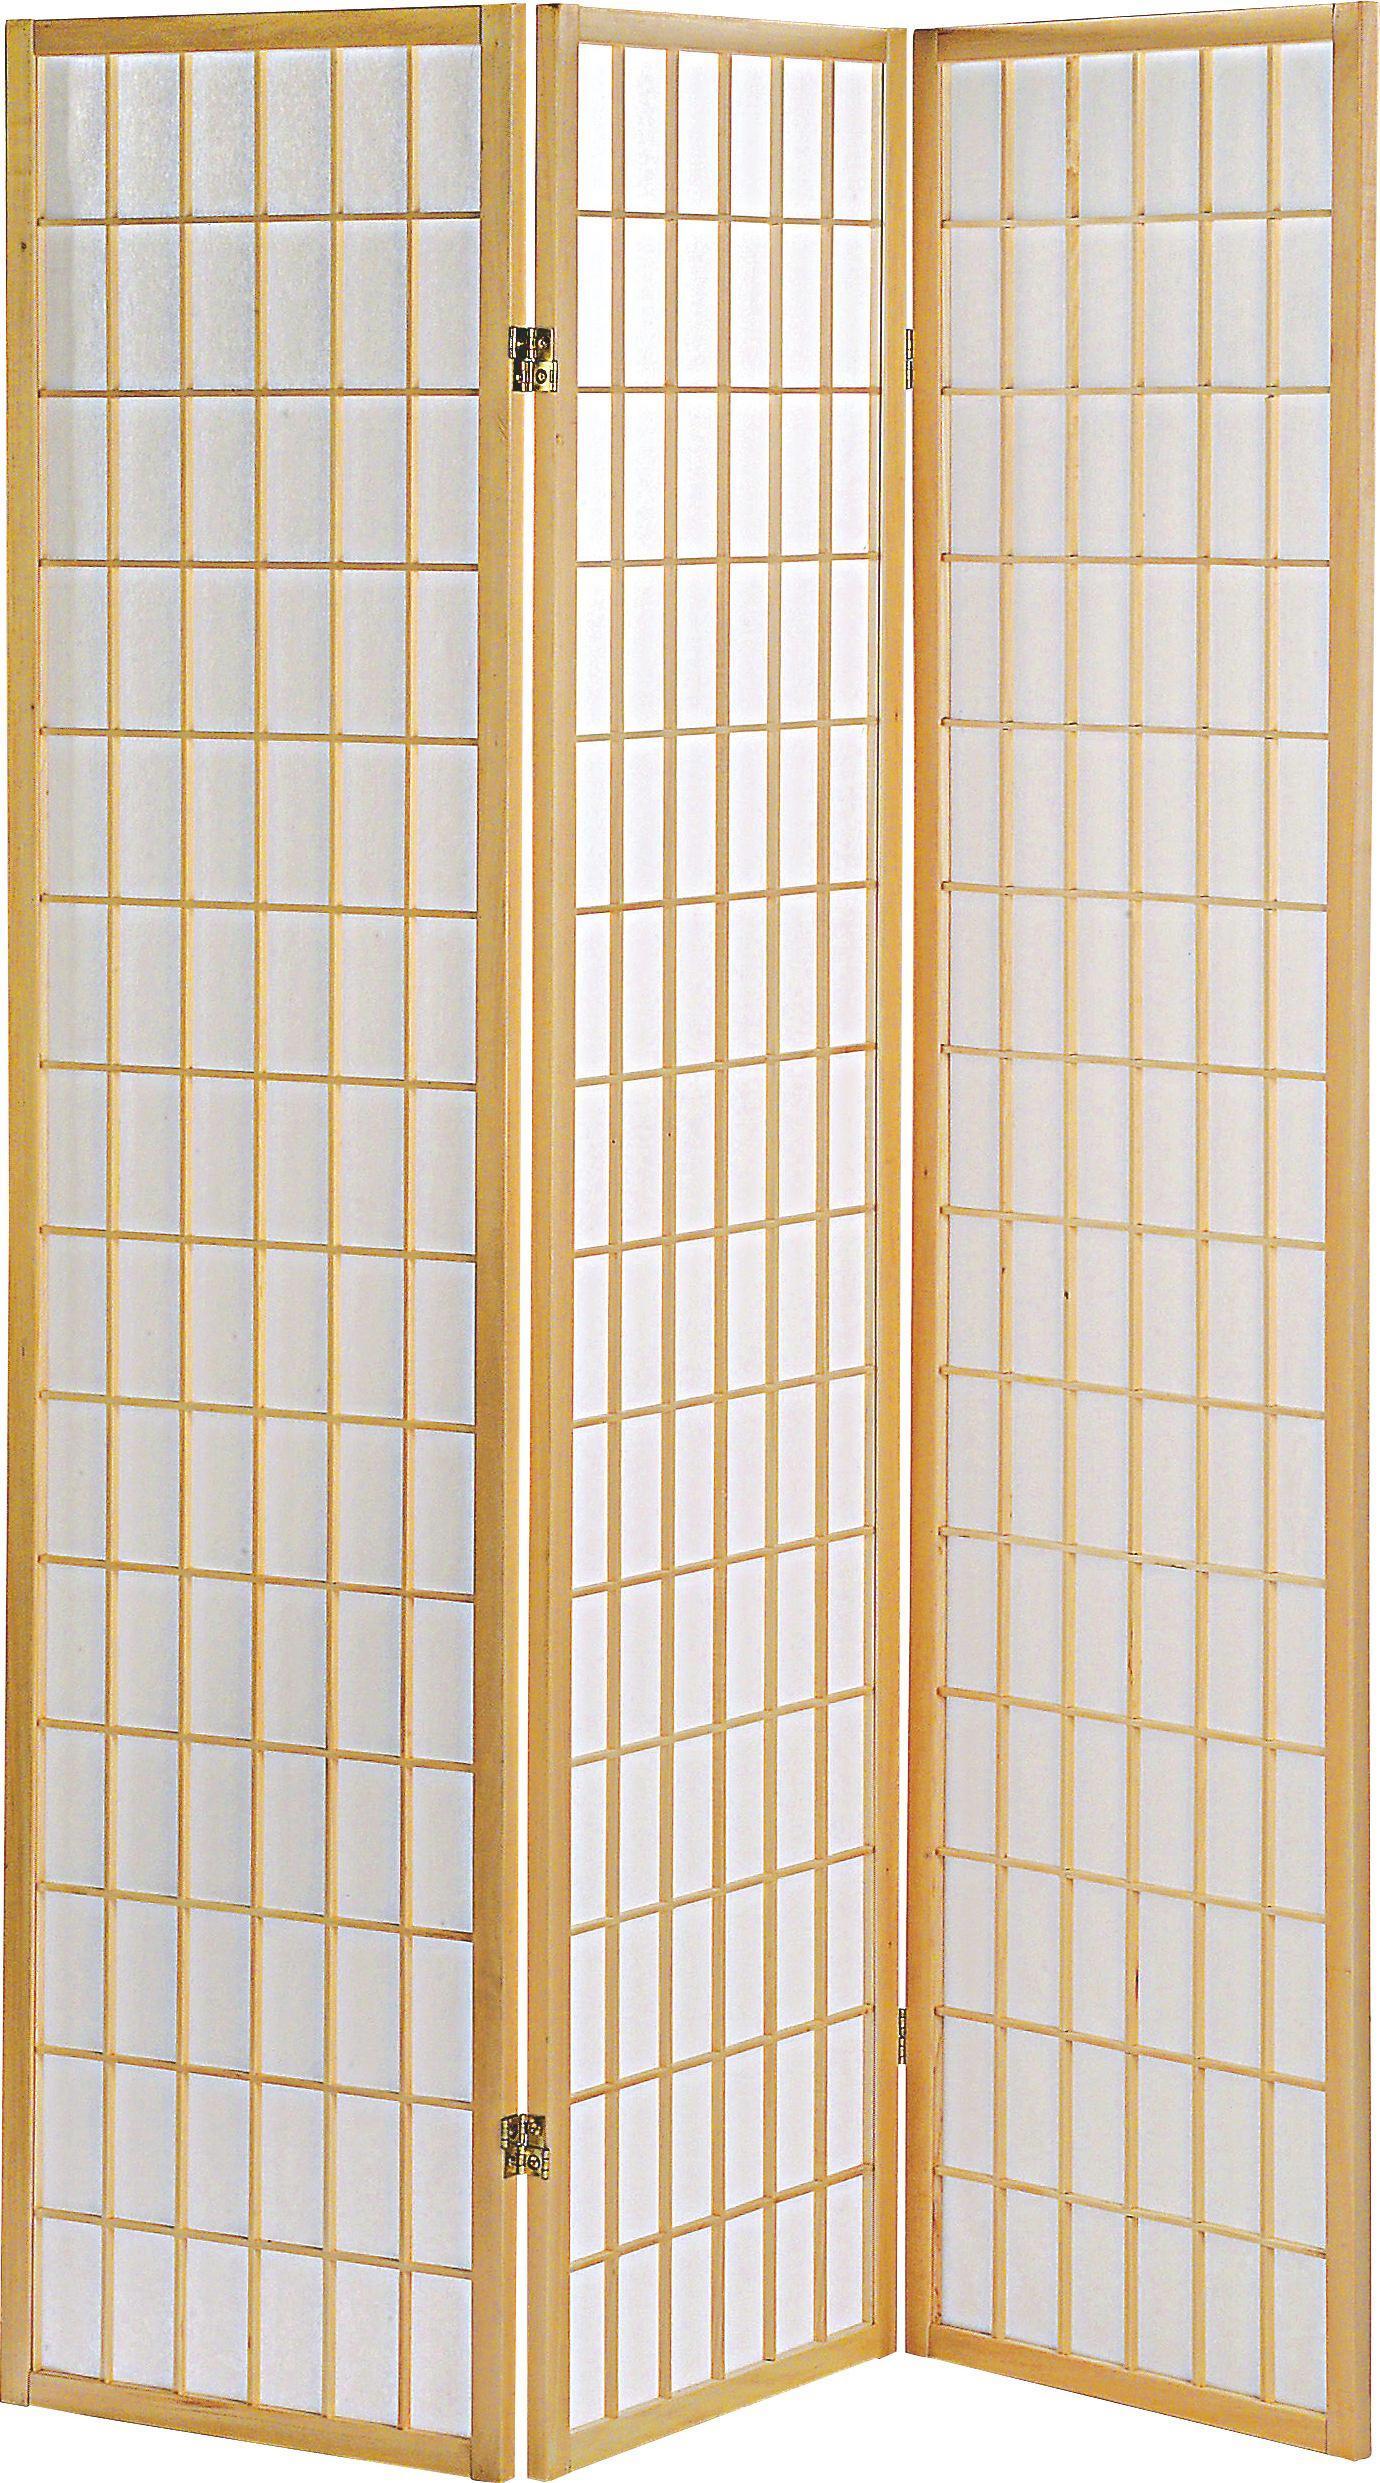 Paraván Naomi - prírodné farby, Moderný, drevo/papier (131/179/2cm)